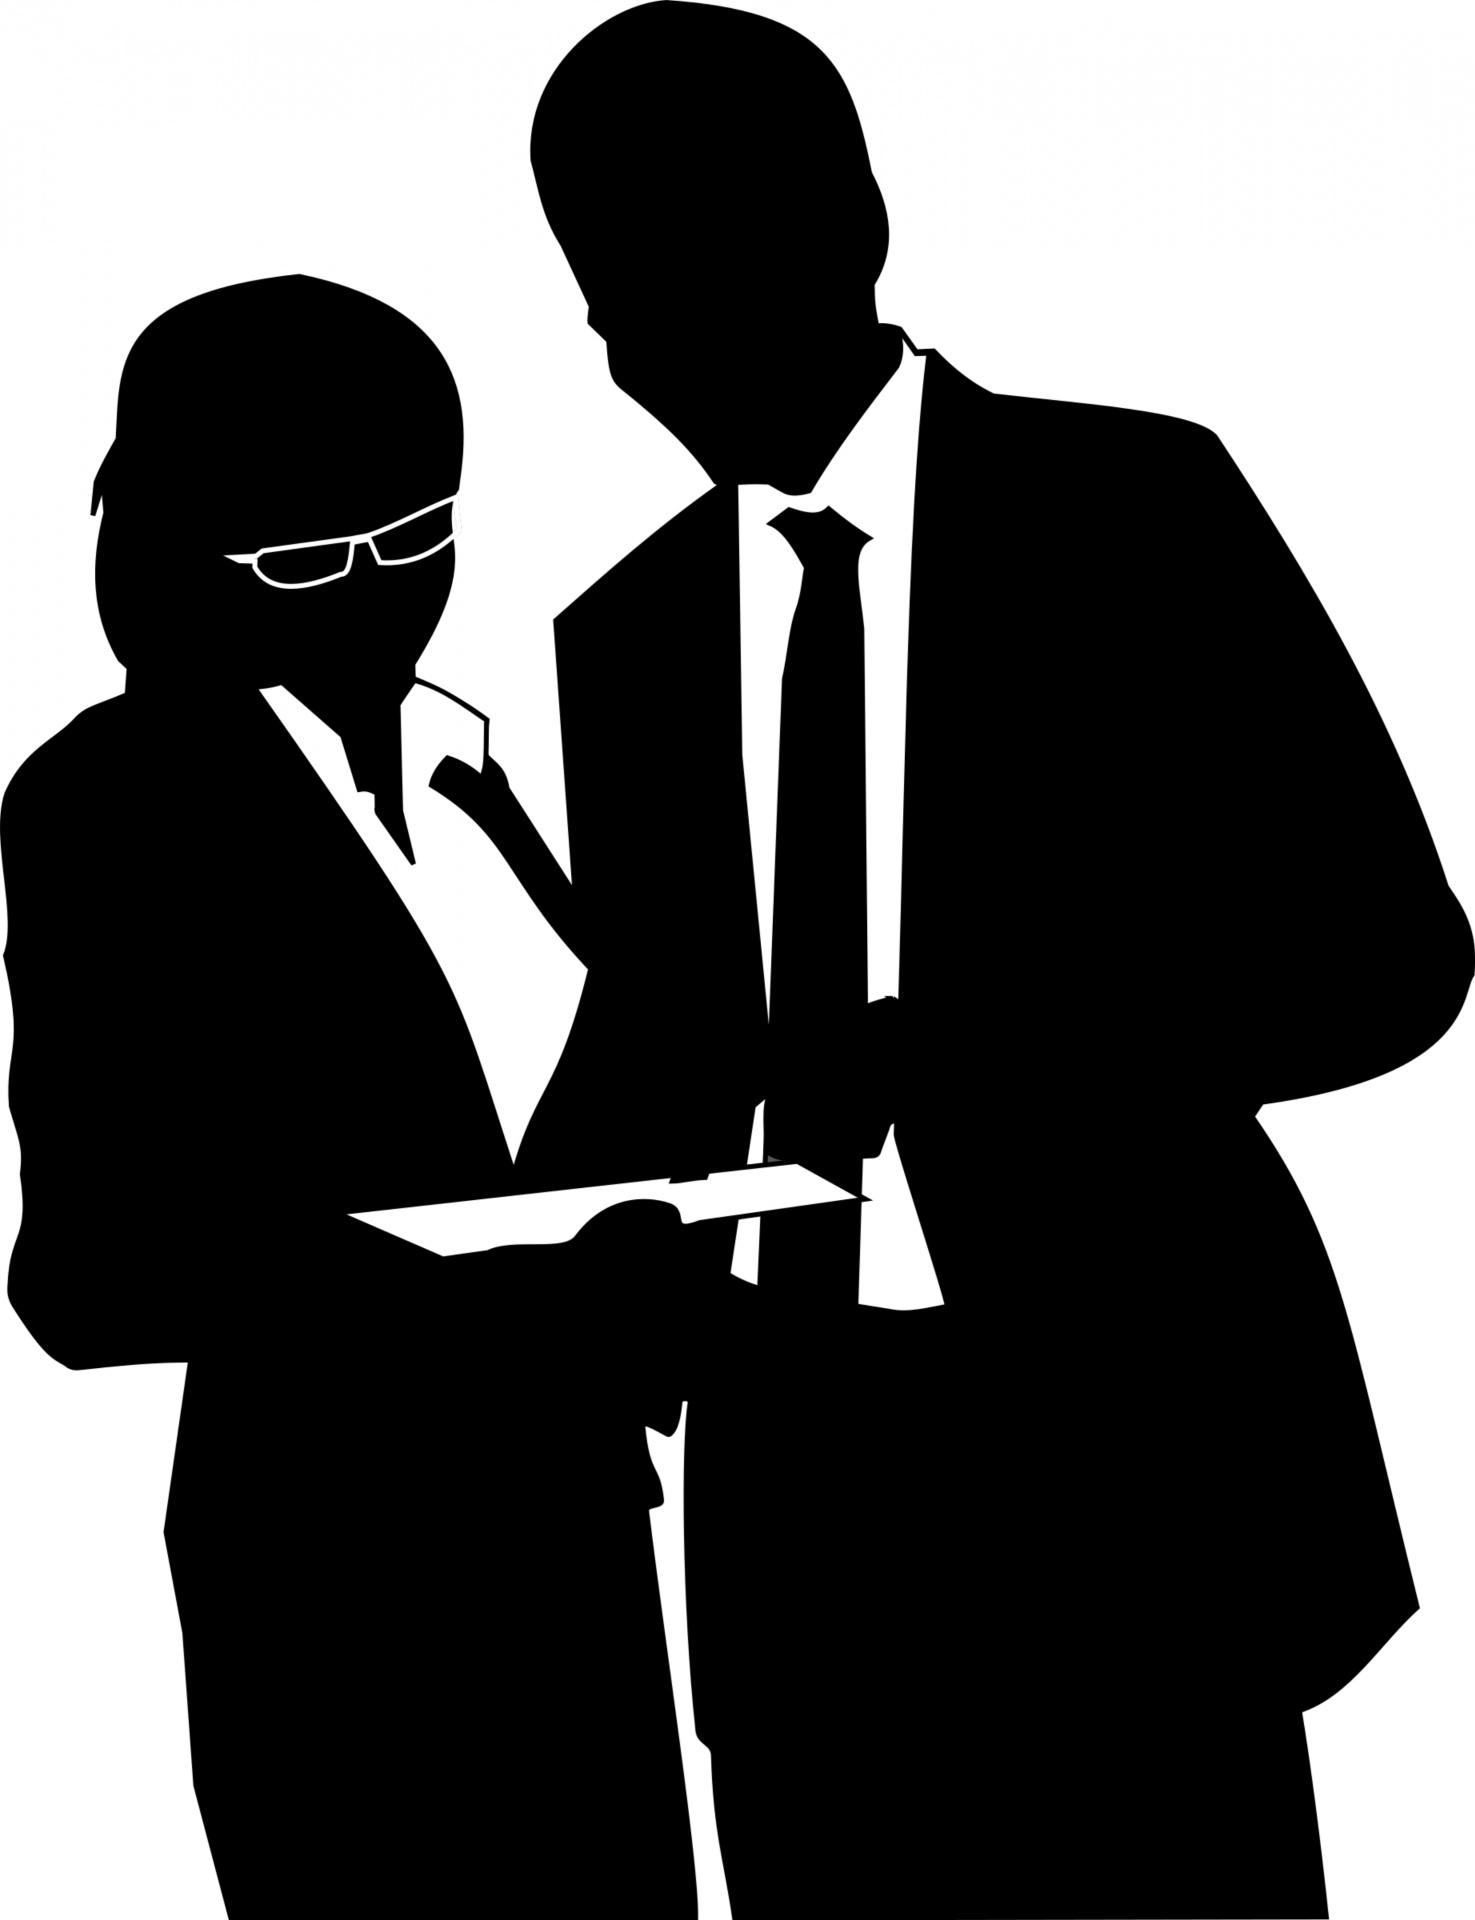 business-people-2.jpg